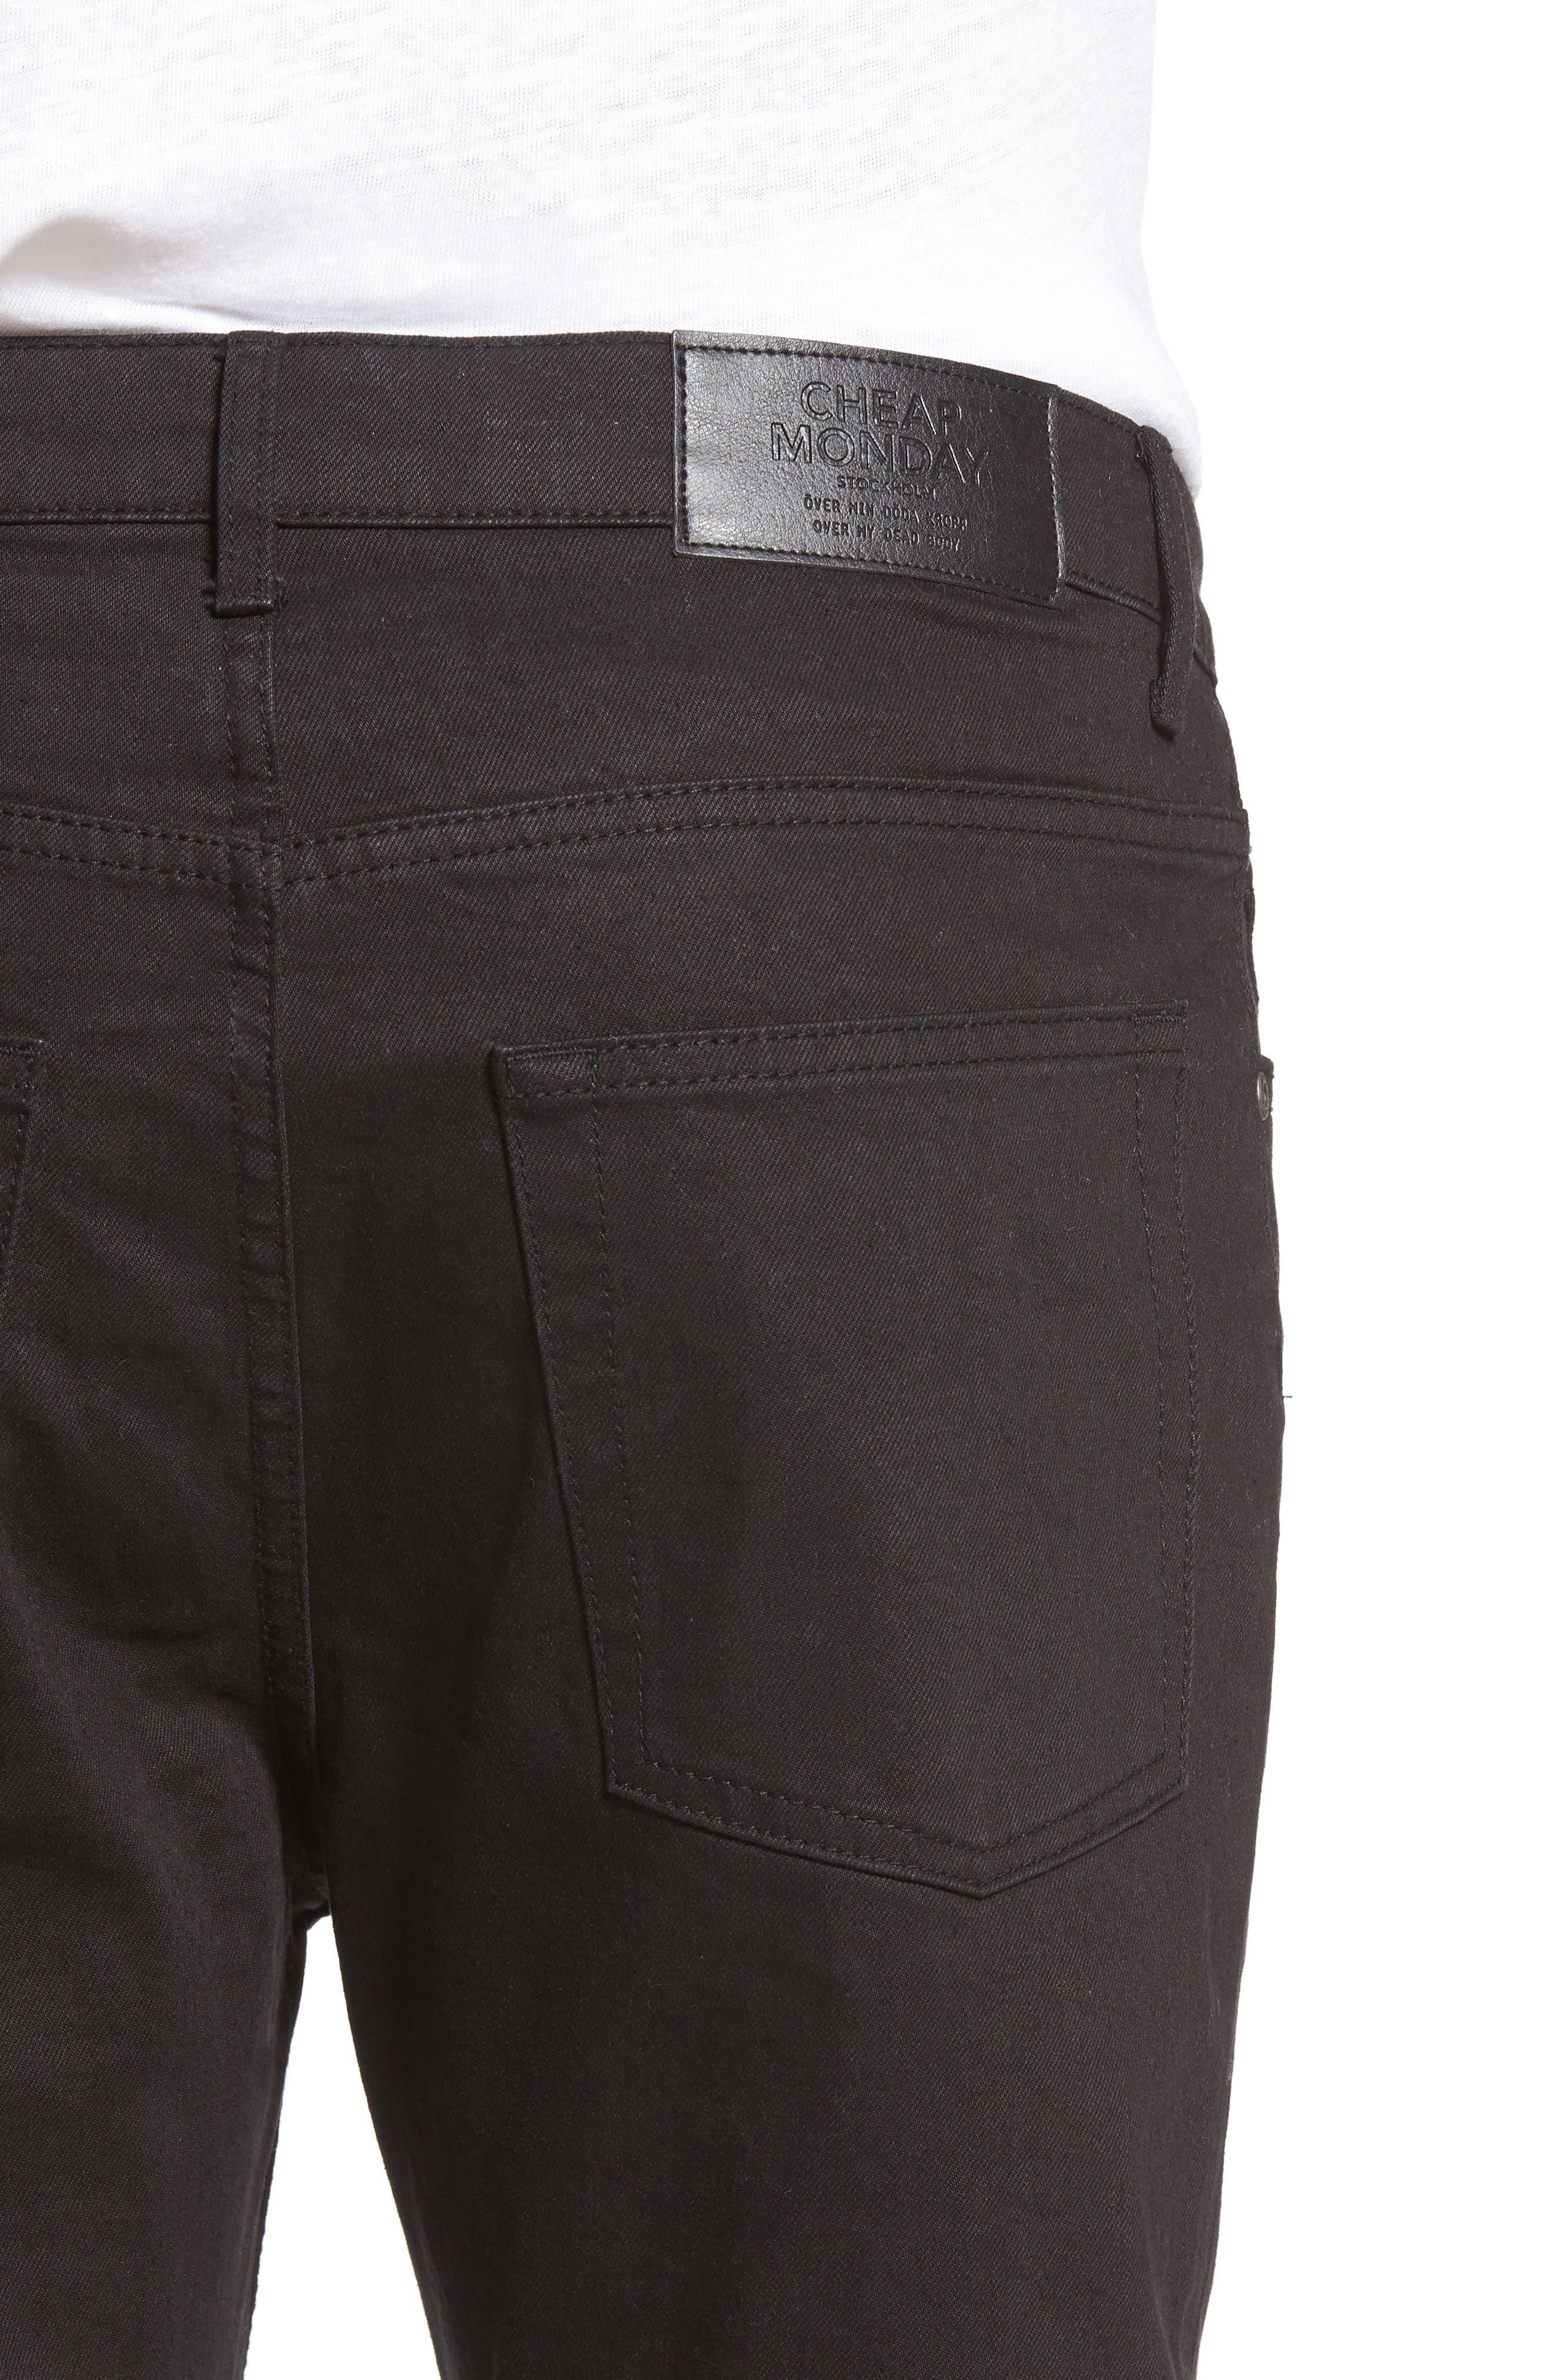 CHEAP MONDAY,                             Sonic Slim Fit Jeans,                             Alternate thumbnail 4, color,                             001